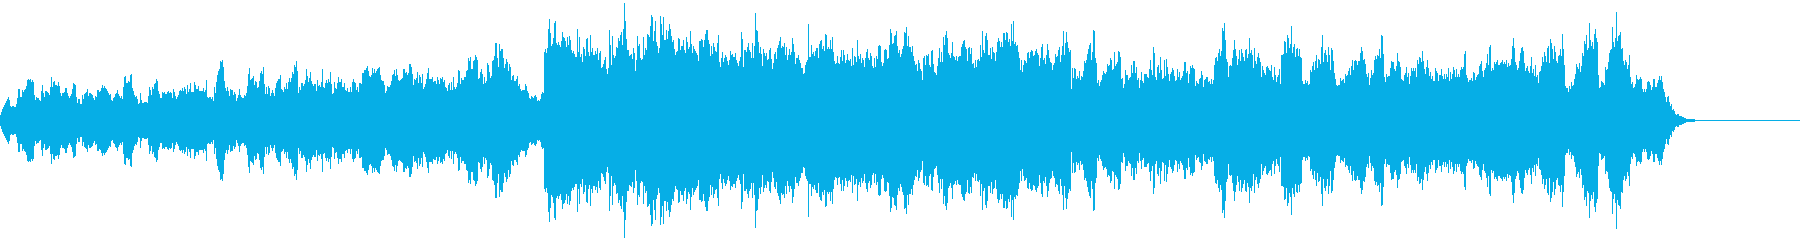 いろいろな表情を持った曲の再生済みの波形